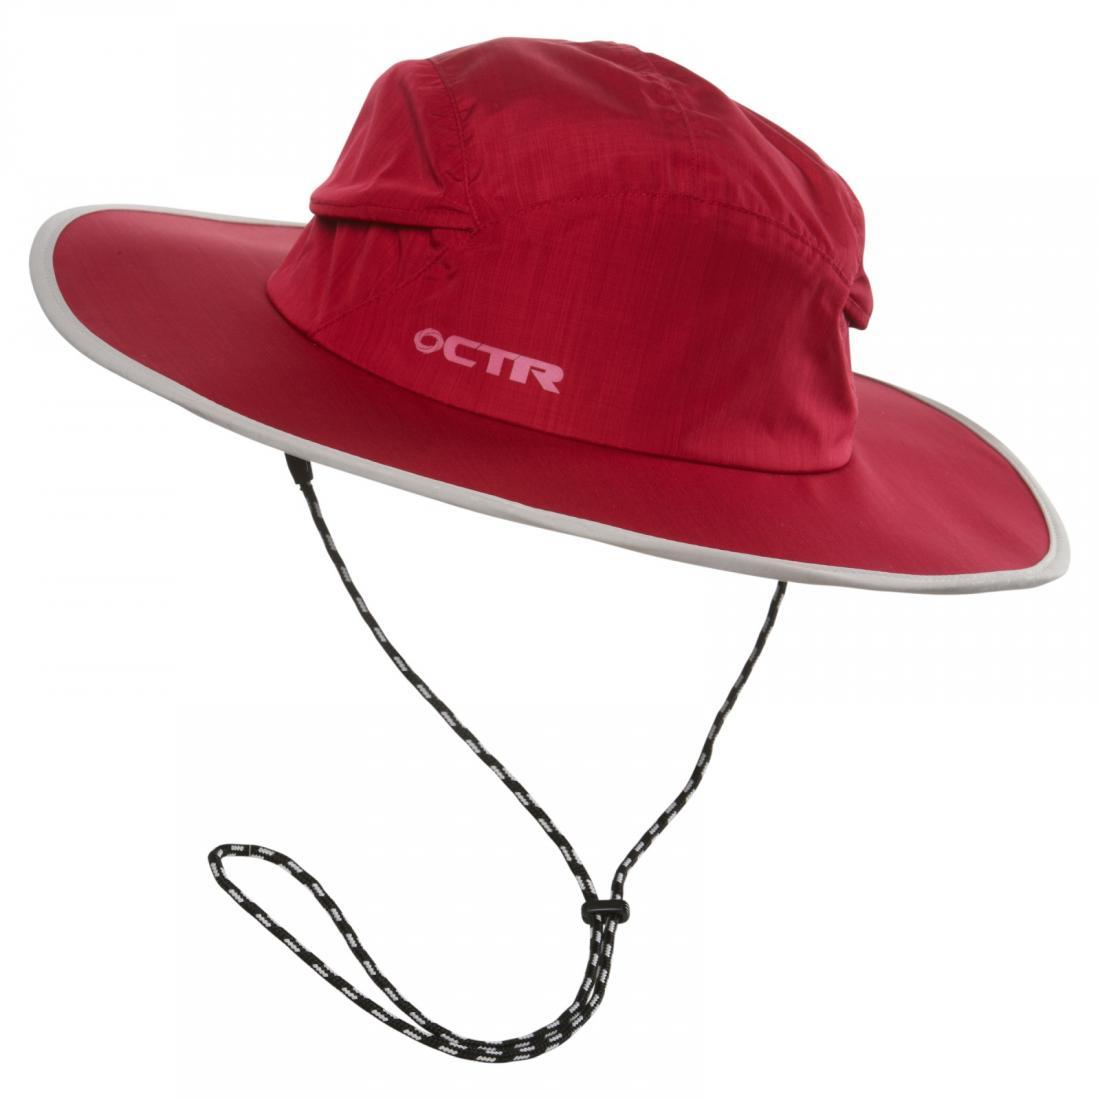 Панама Chaos  Stratus SombreroПанамы<br><br> В путешествии, в походе или в длительной прогулке сложно обойтись без удобной панамы, такой как Chaos Stratus Sombrero. Эта широкополая шляпа служ...<br><br>Цвет: Красный<br>Размер: S-M